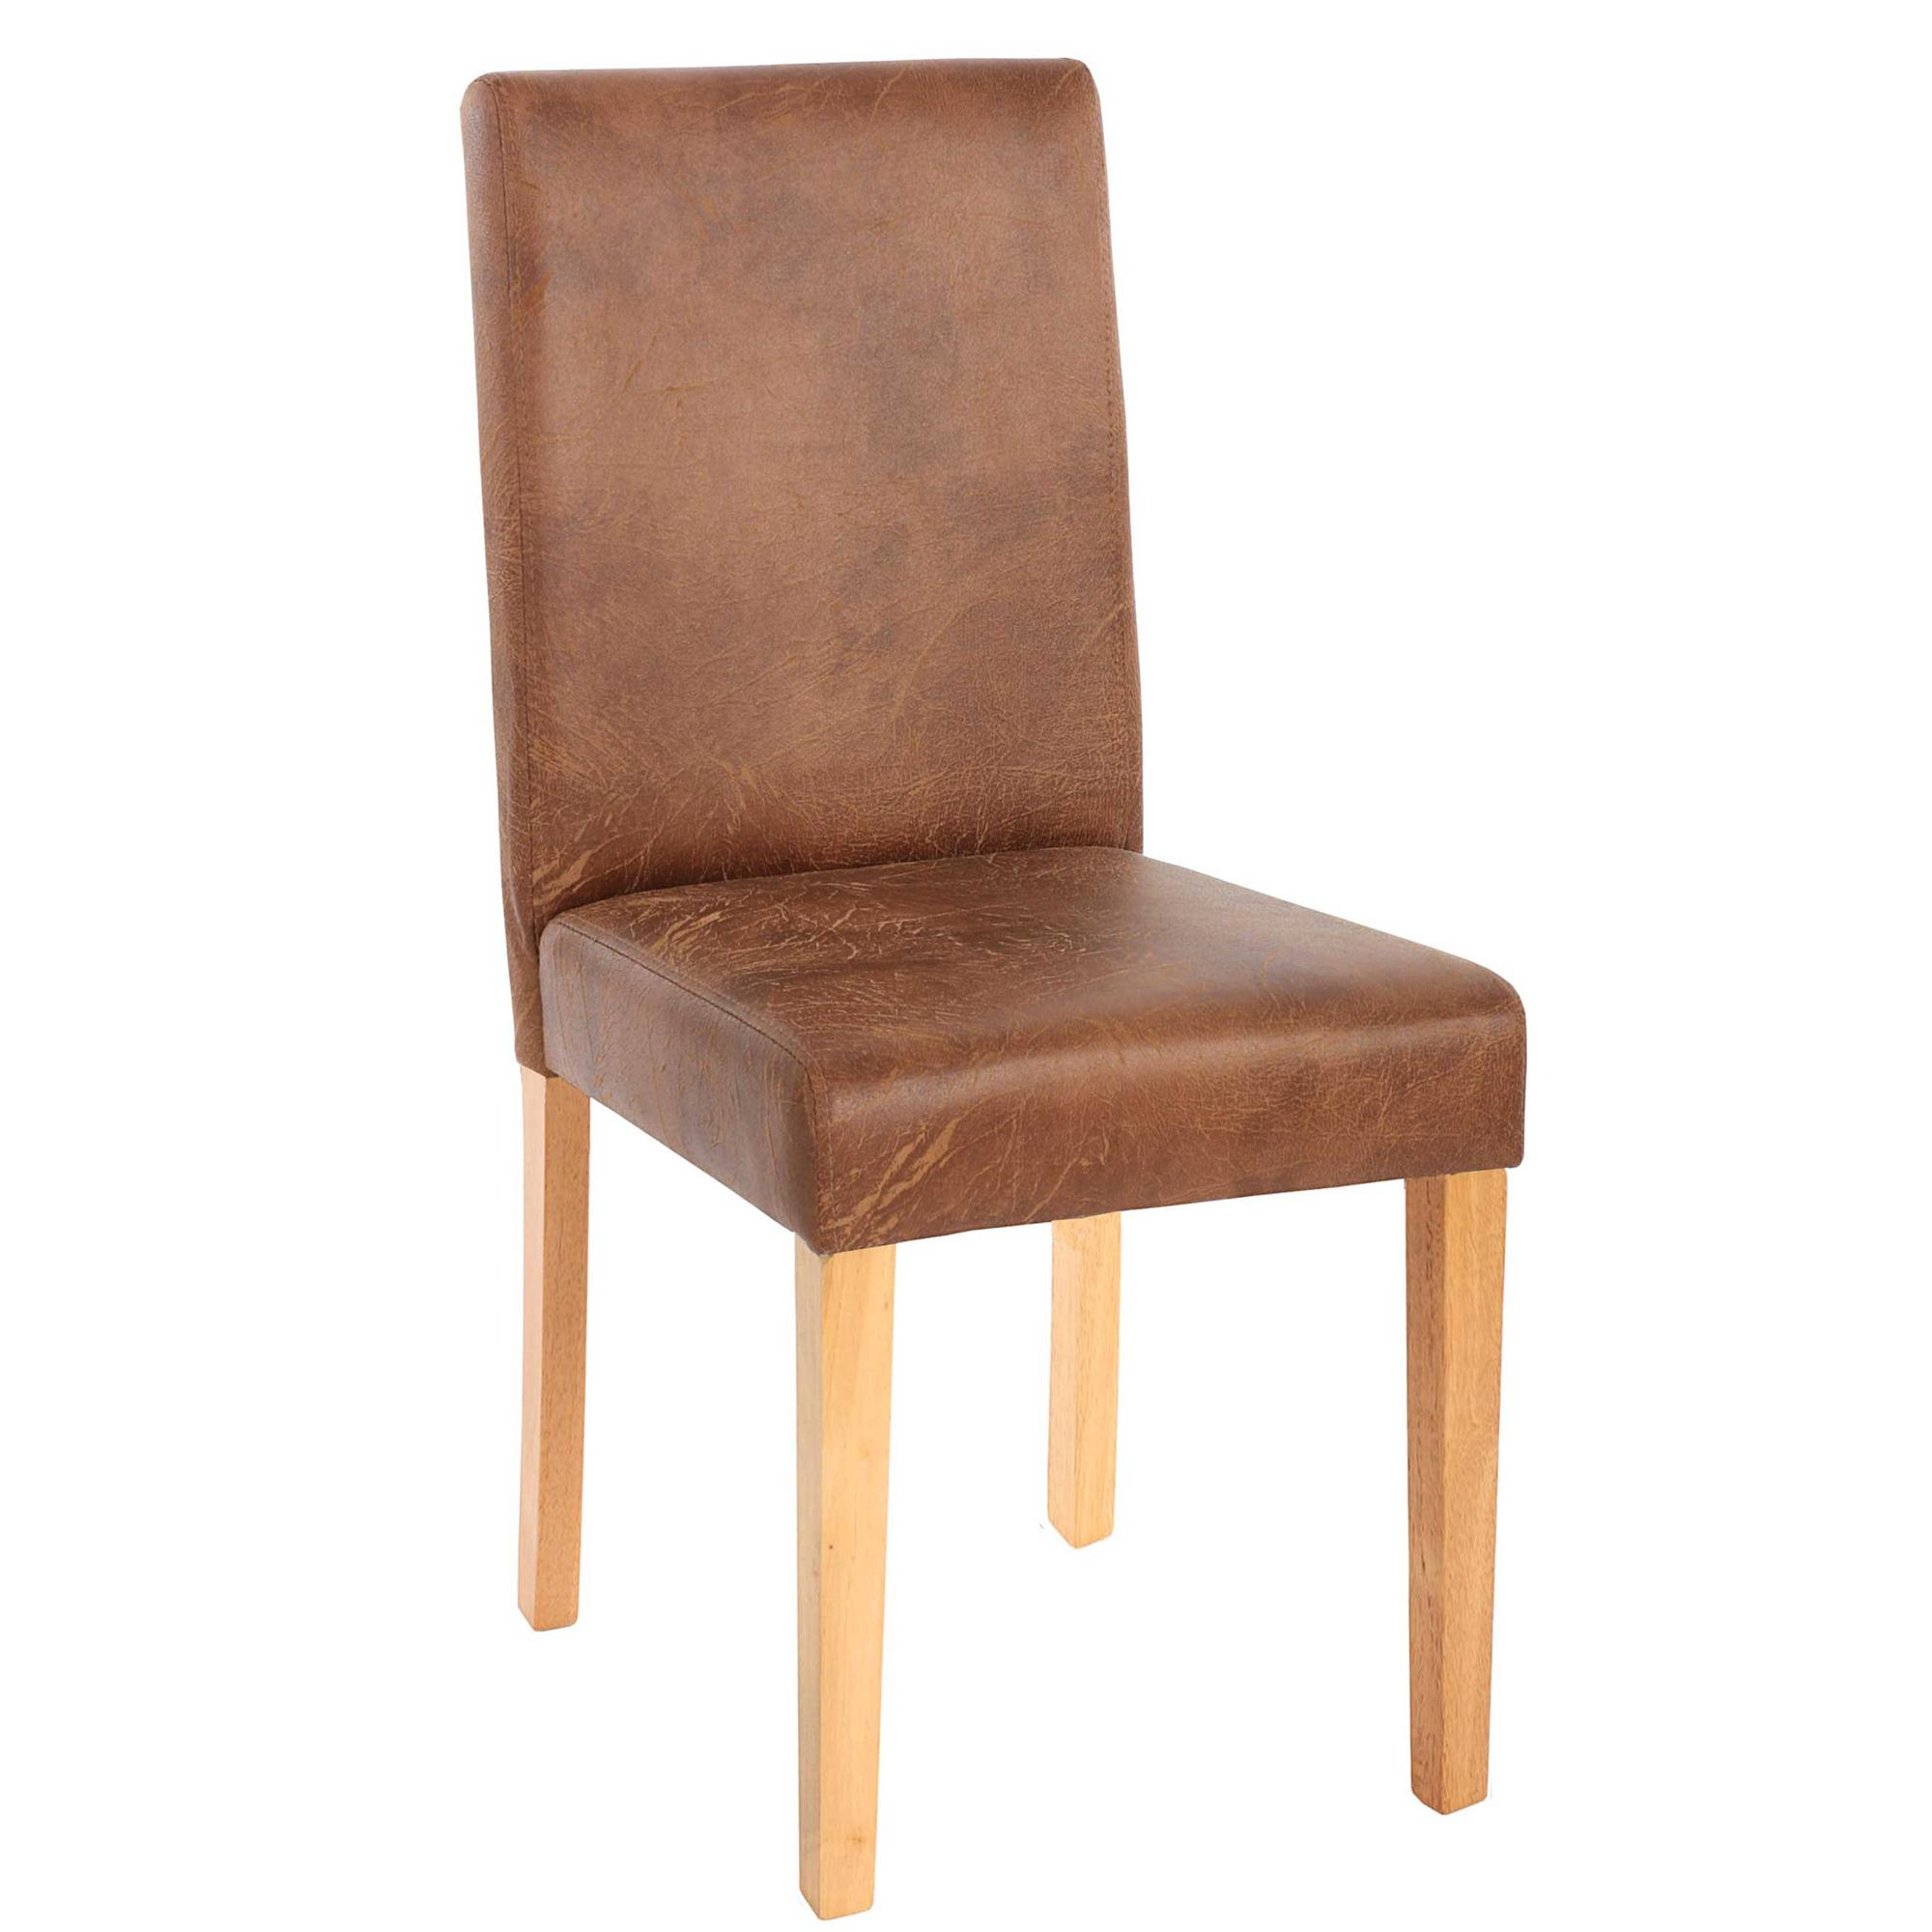 Lote 2 sillas de comedor litau en piel marr n natural for Sillas de comedor tapizadas en piel